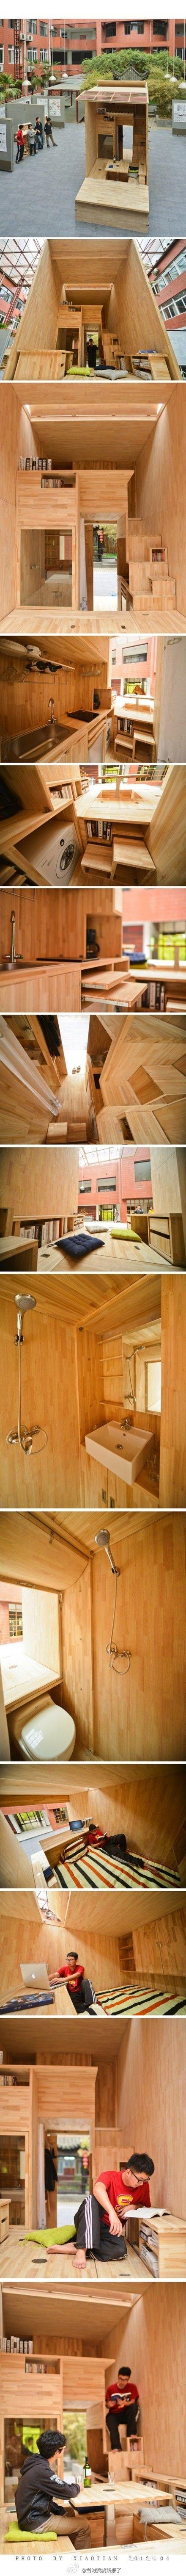 31 besten Kleine Räume Bilder auf Pinterest